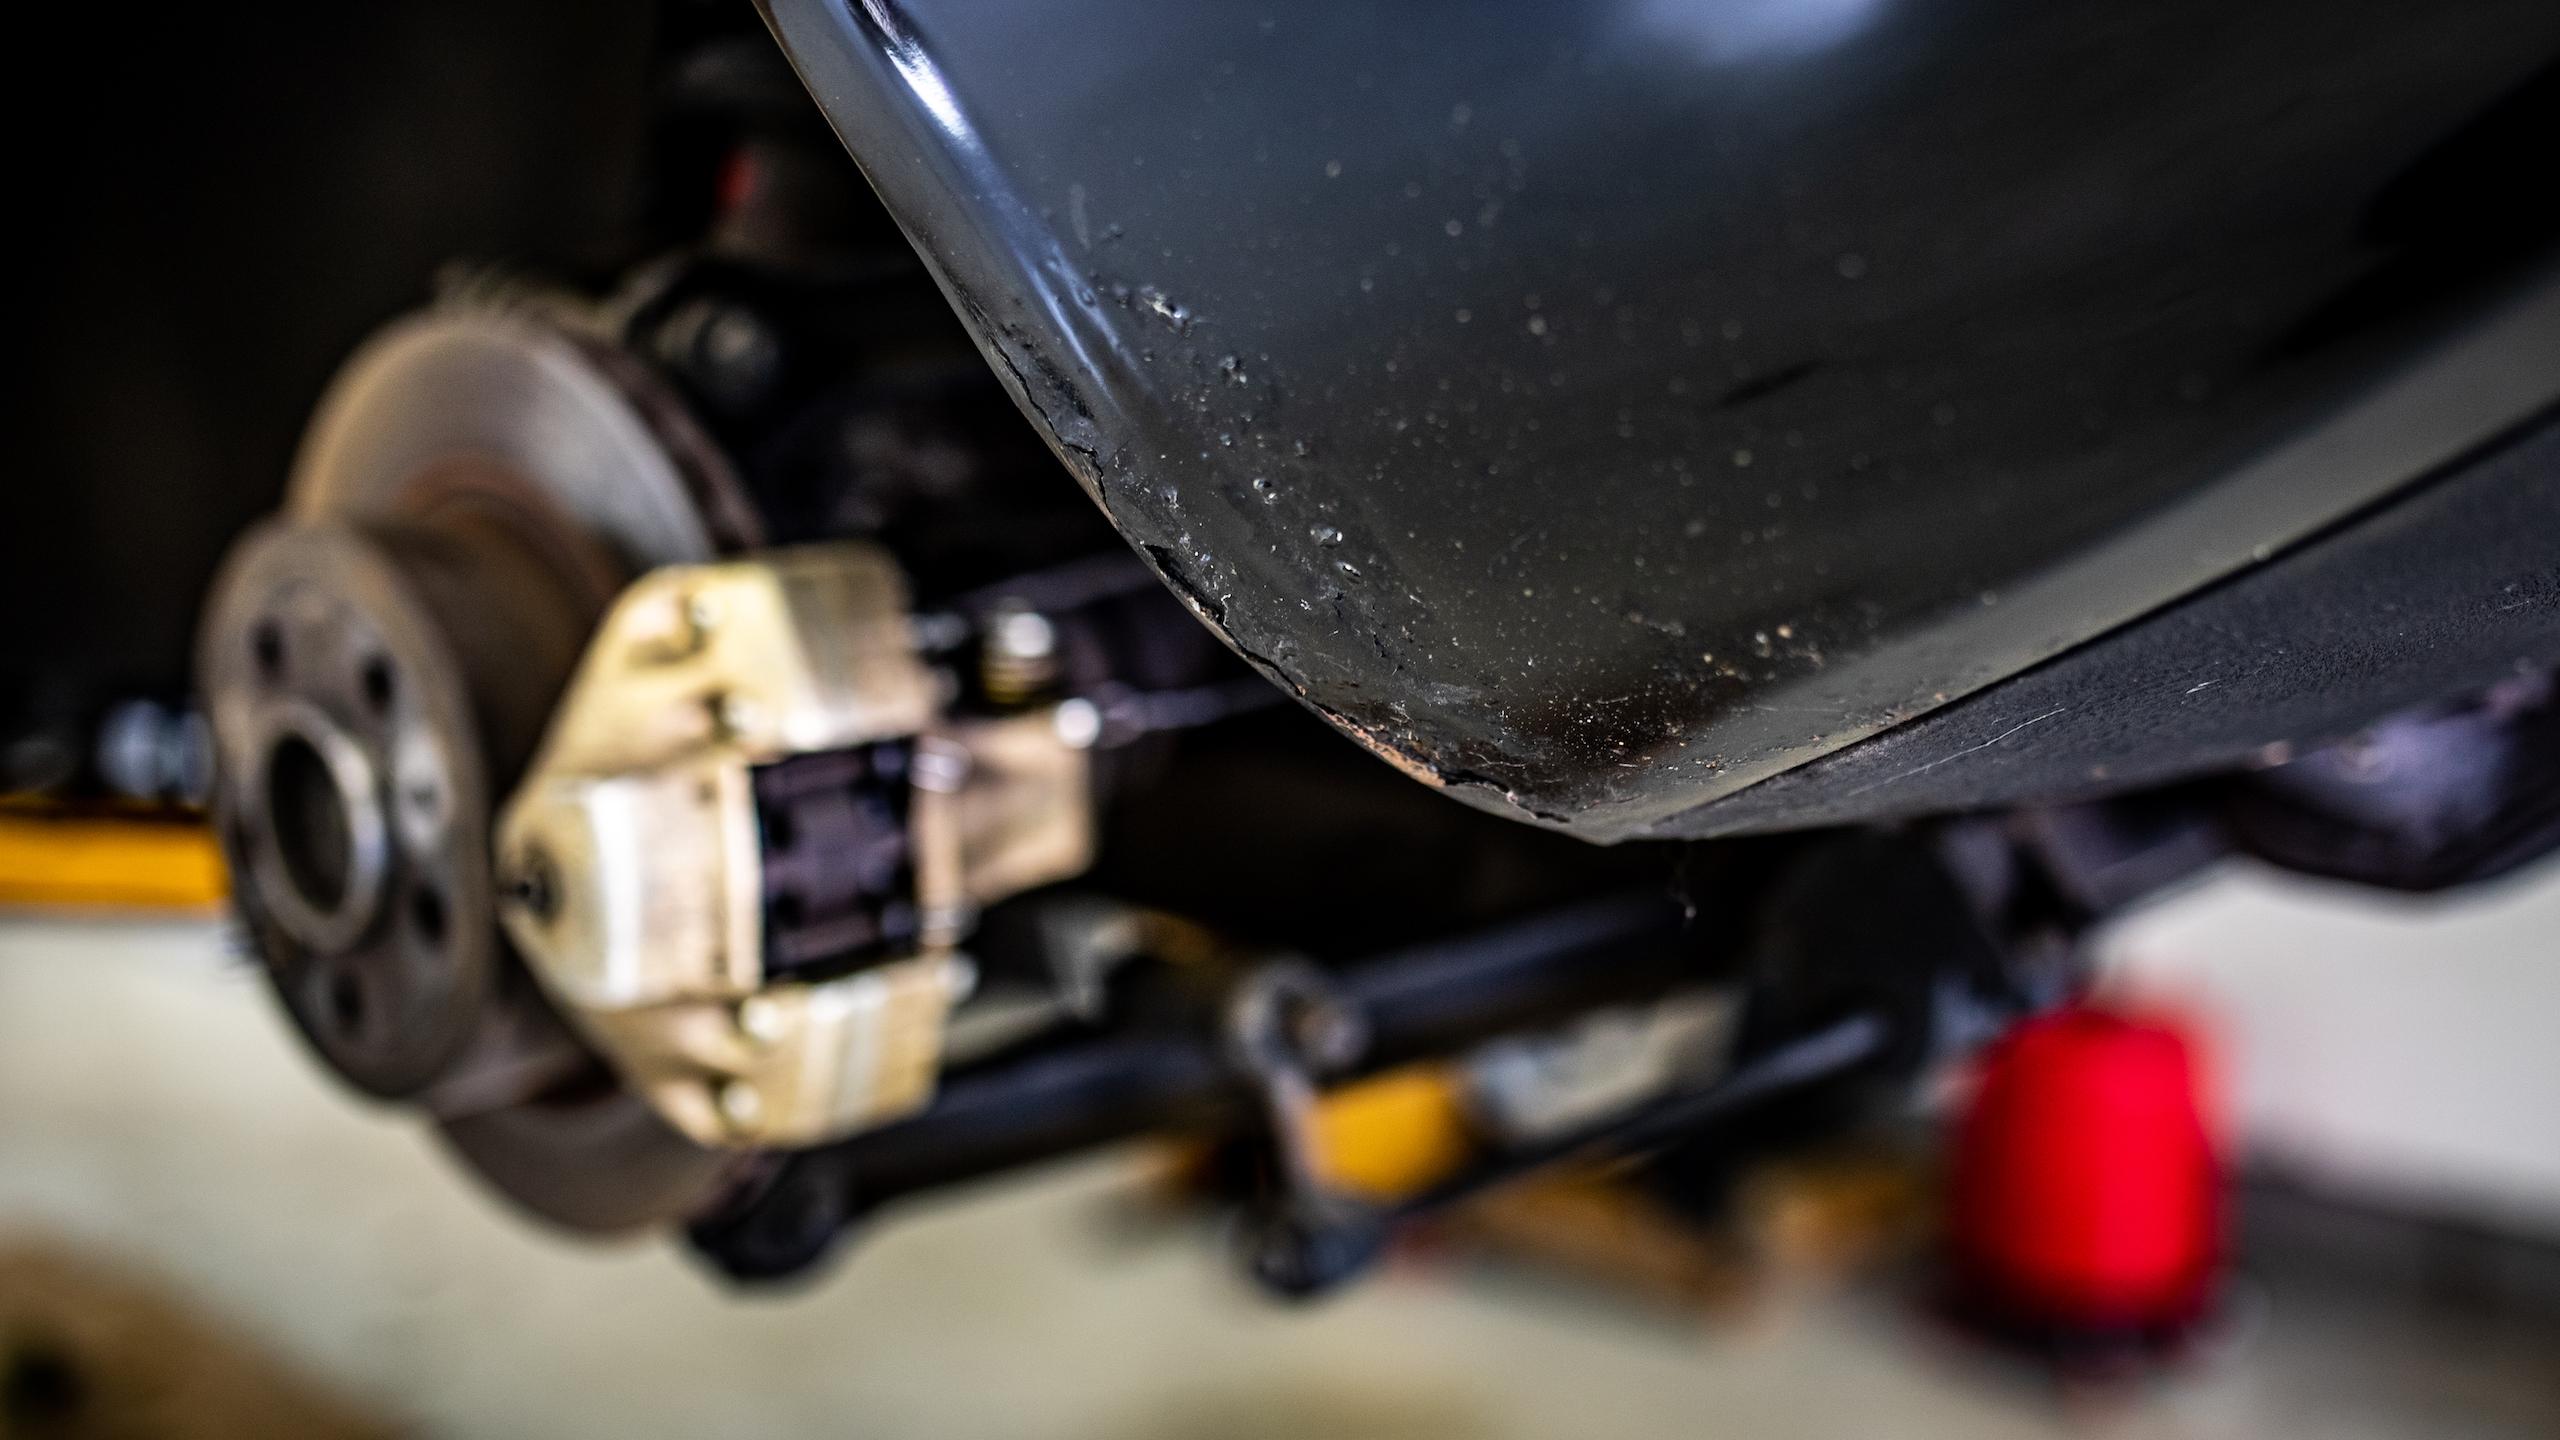 Ferrari Dino fender bubbling rust corrosion